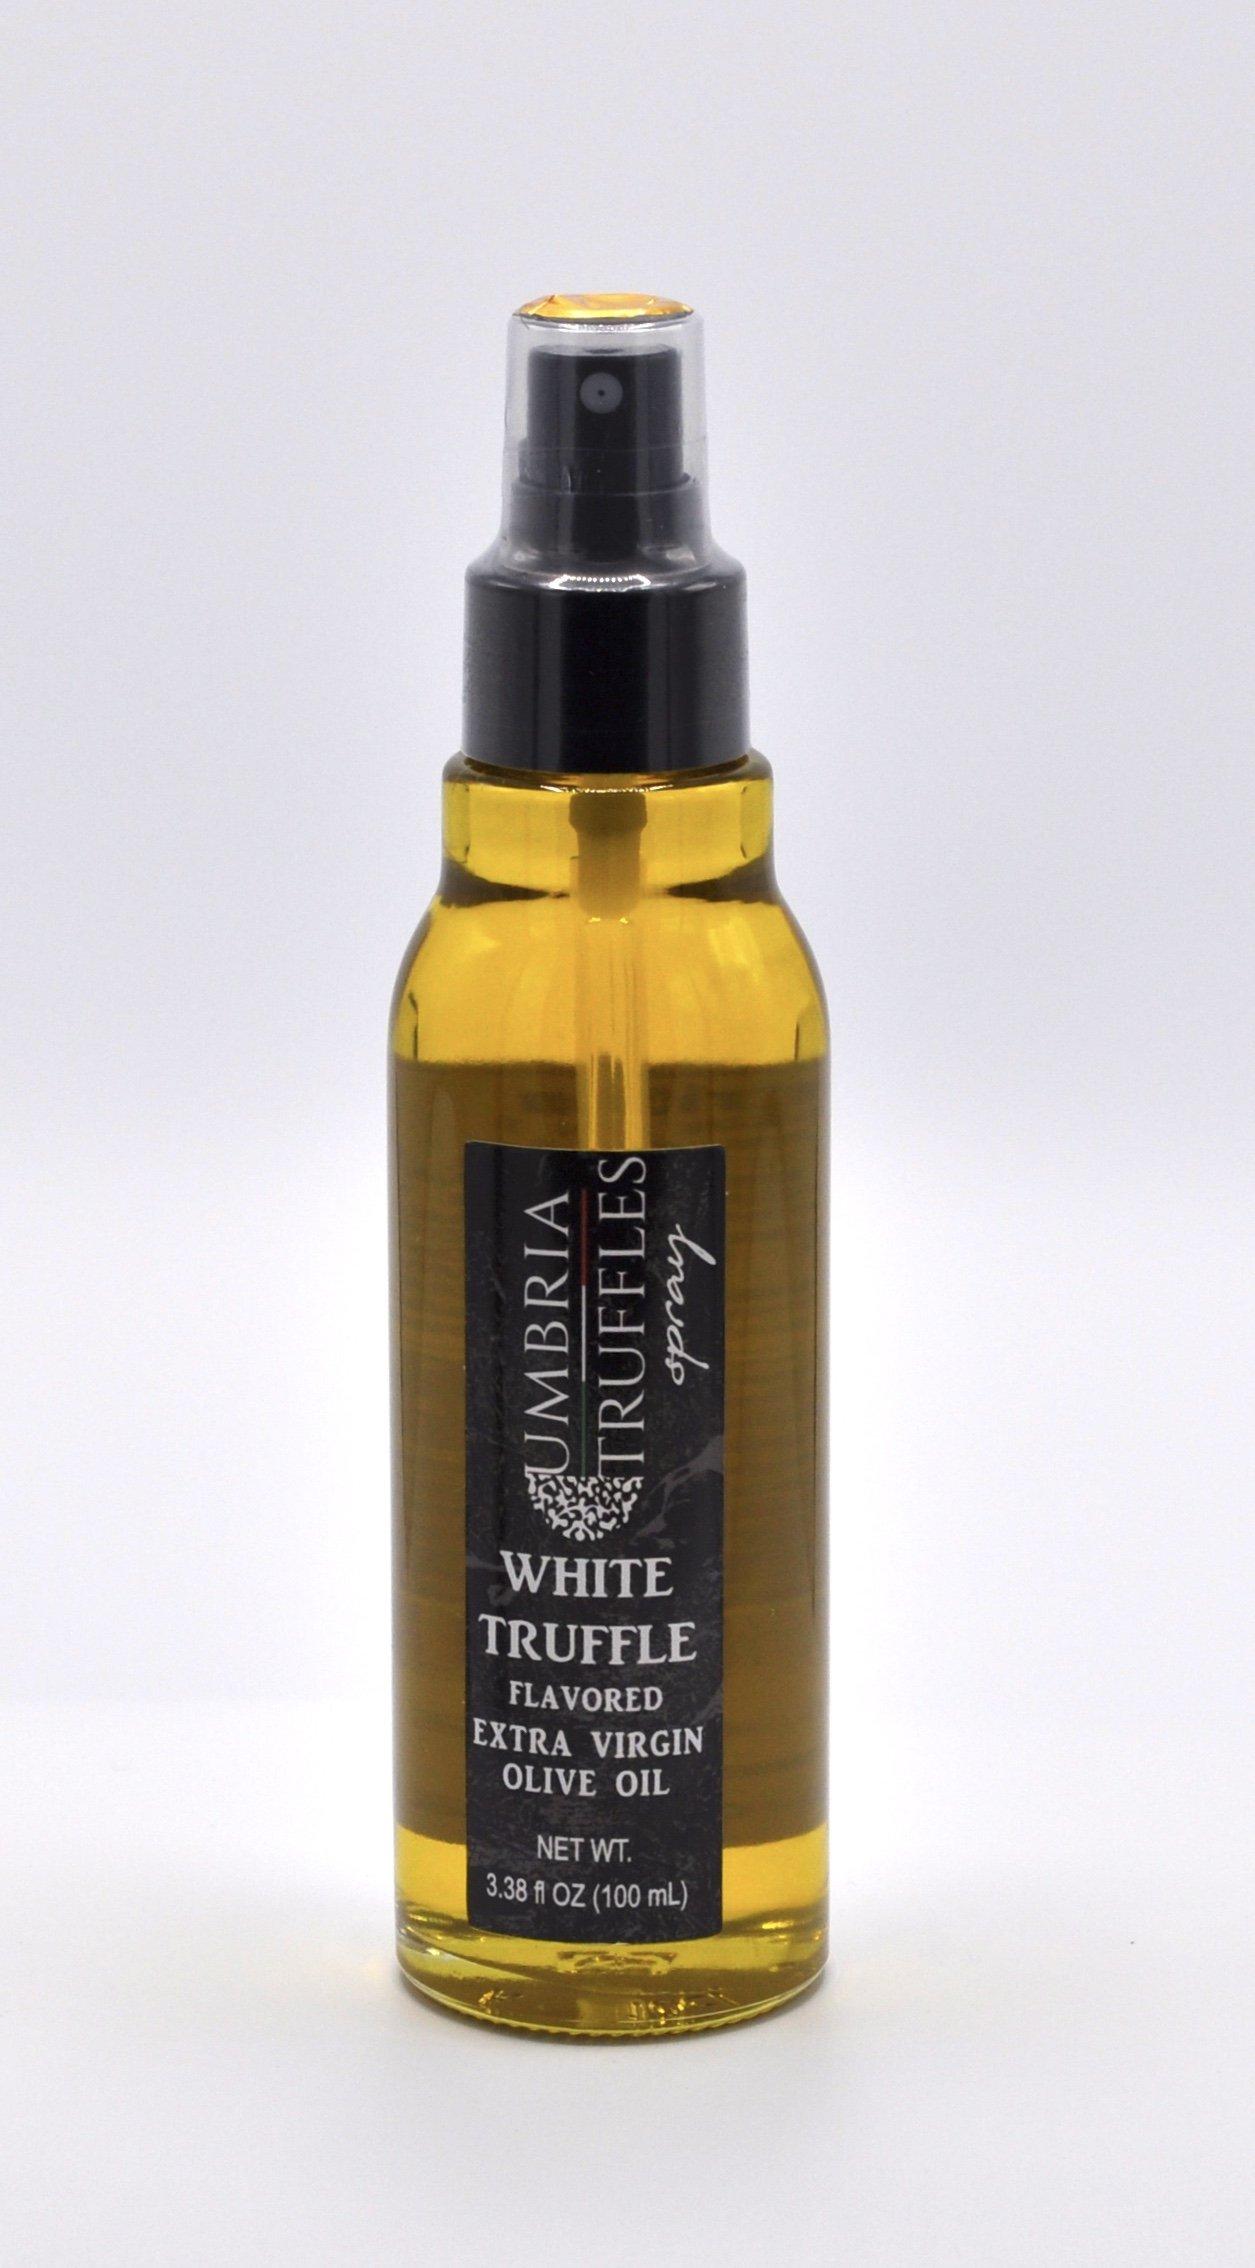 White Truffle Flavored Extra Virgin Olive Oil 100ml Spray Bottle